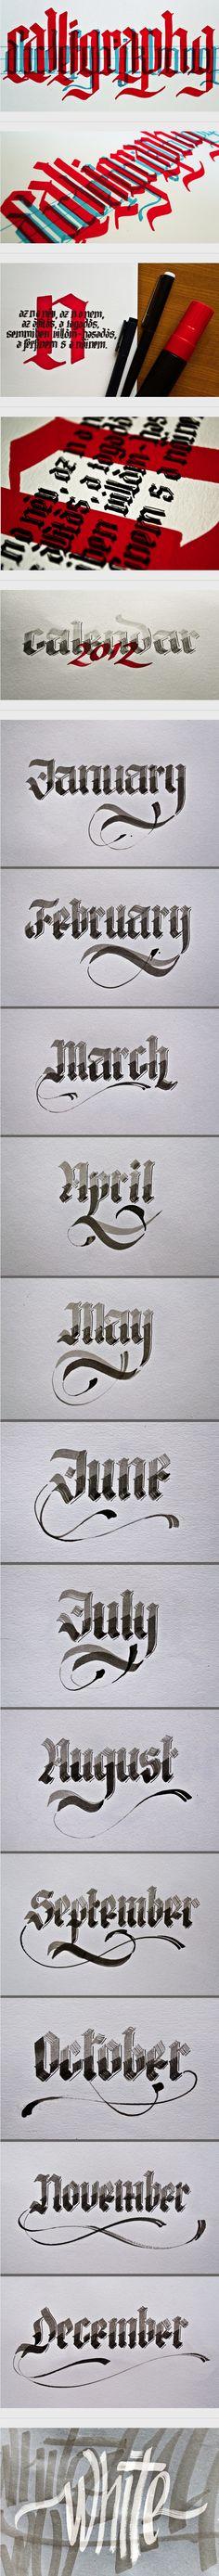 Calligraphy by Renato Molnar, via Behance